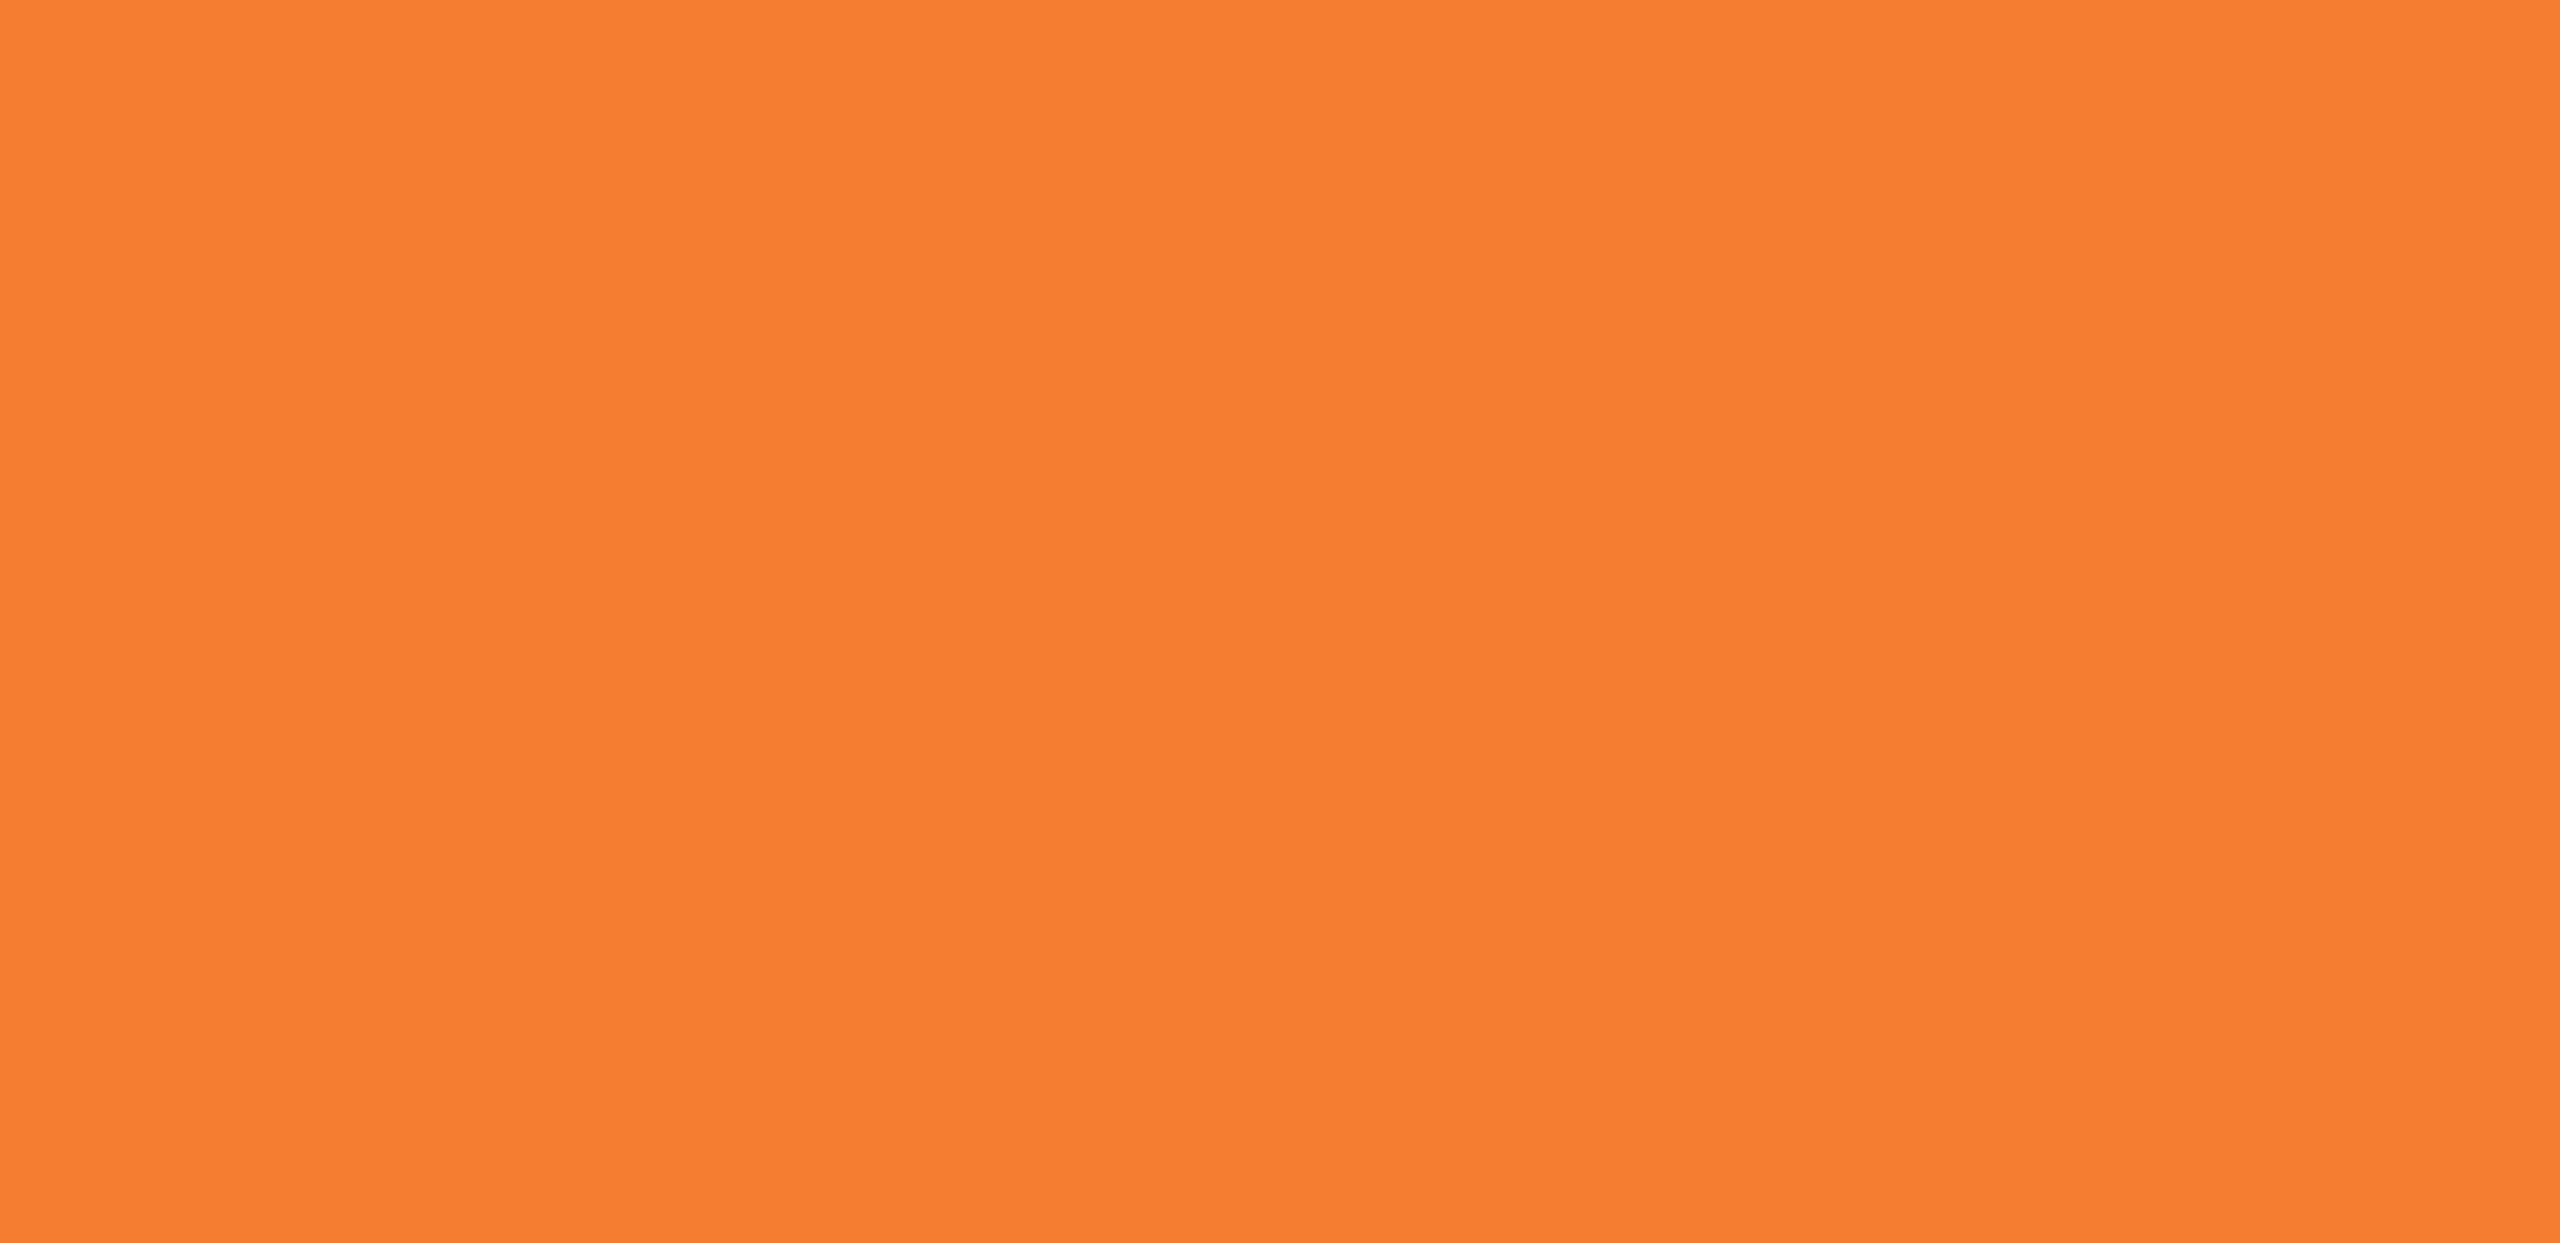 Kamloops Indian Residental School - Orange Shirt Day